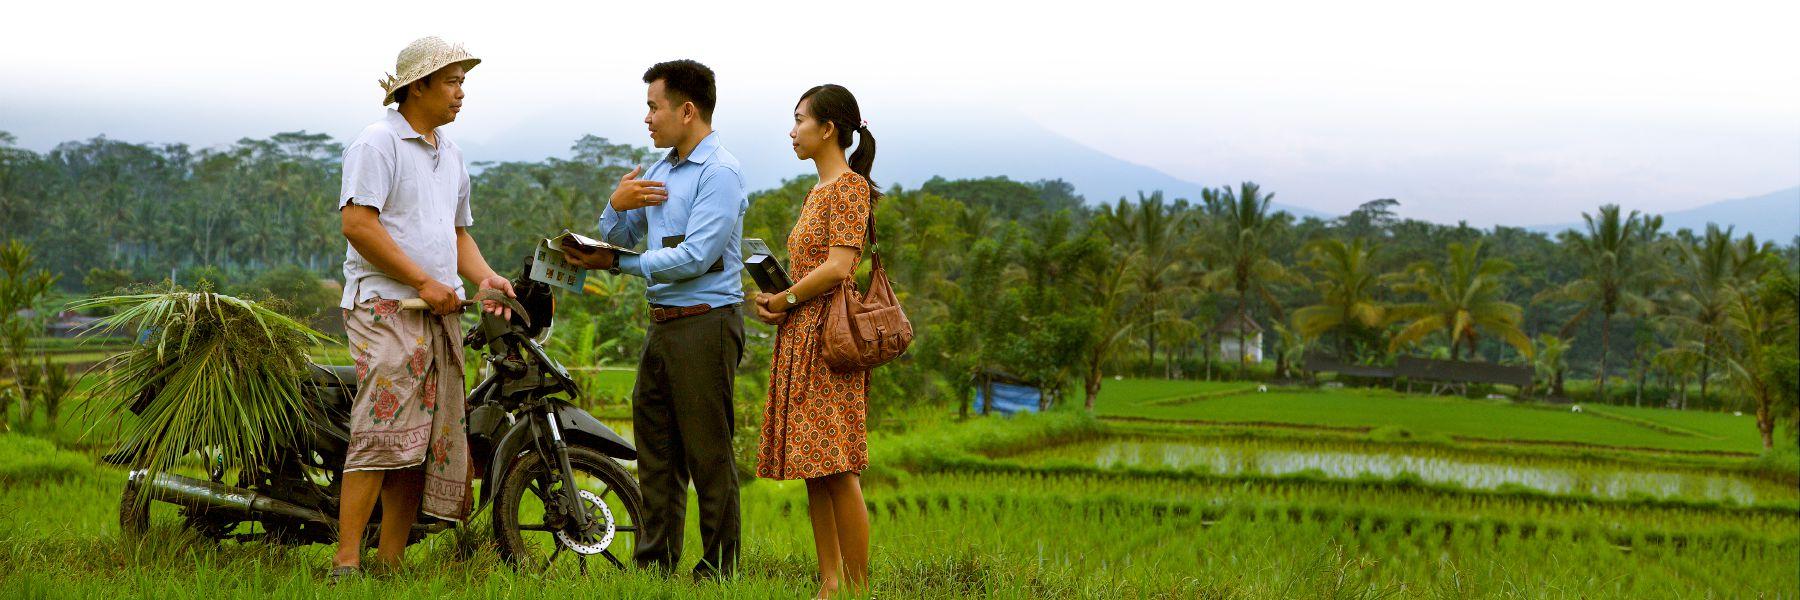 Dos testigos de Jehová le predican a un hombre en un campo de arroz.